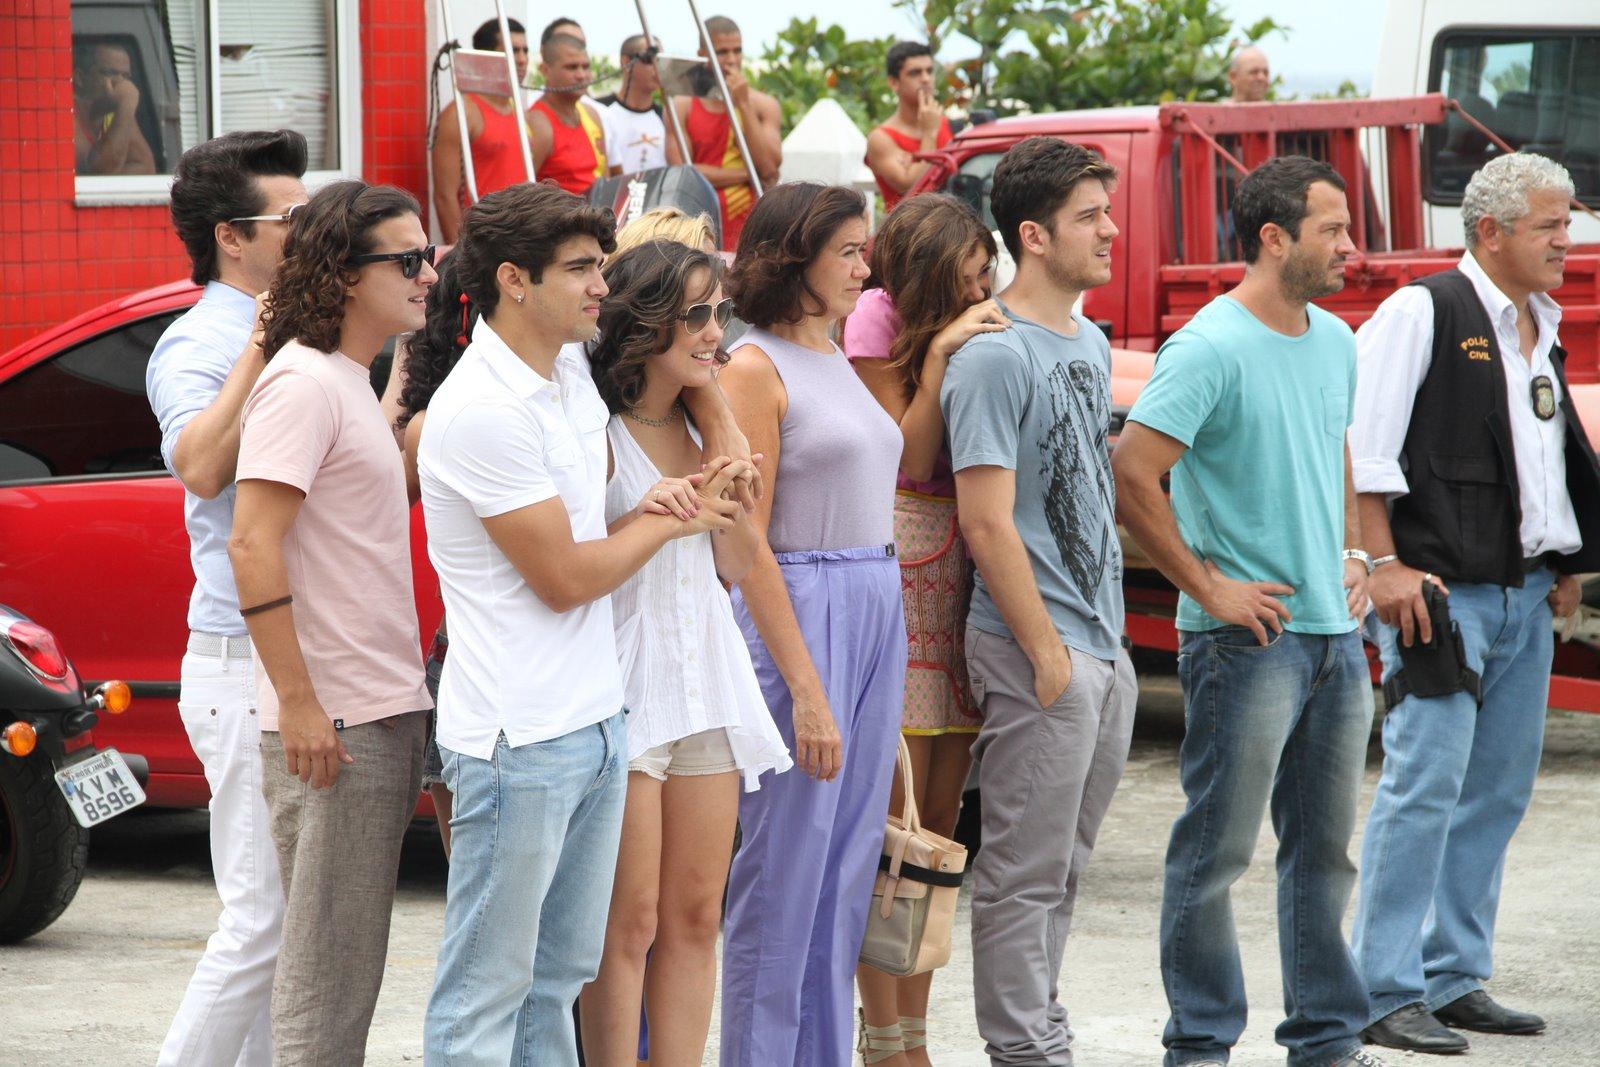 Família Pereira, Crô, Solange e Daniel observam algo ao lado de policial: o que será?